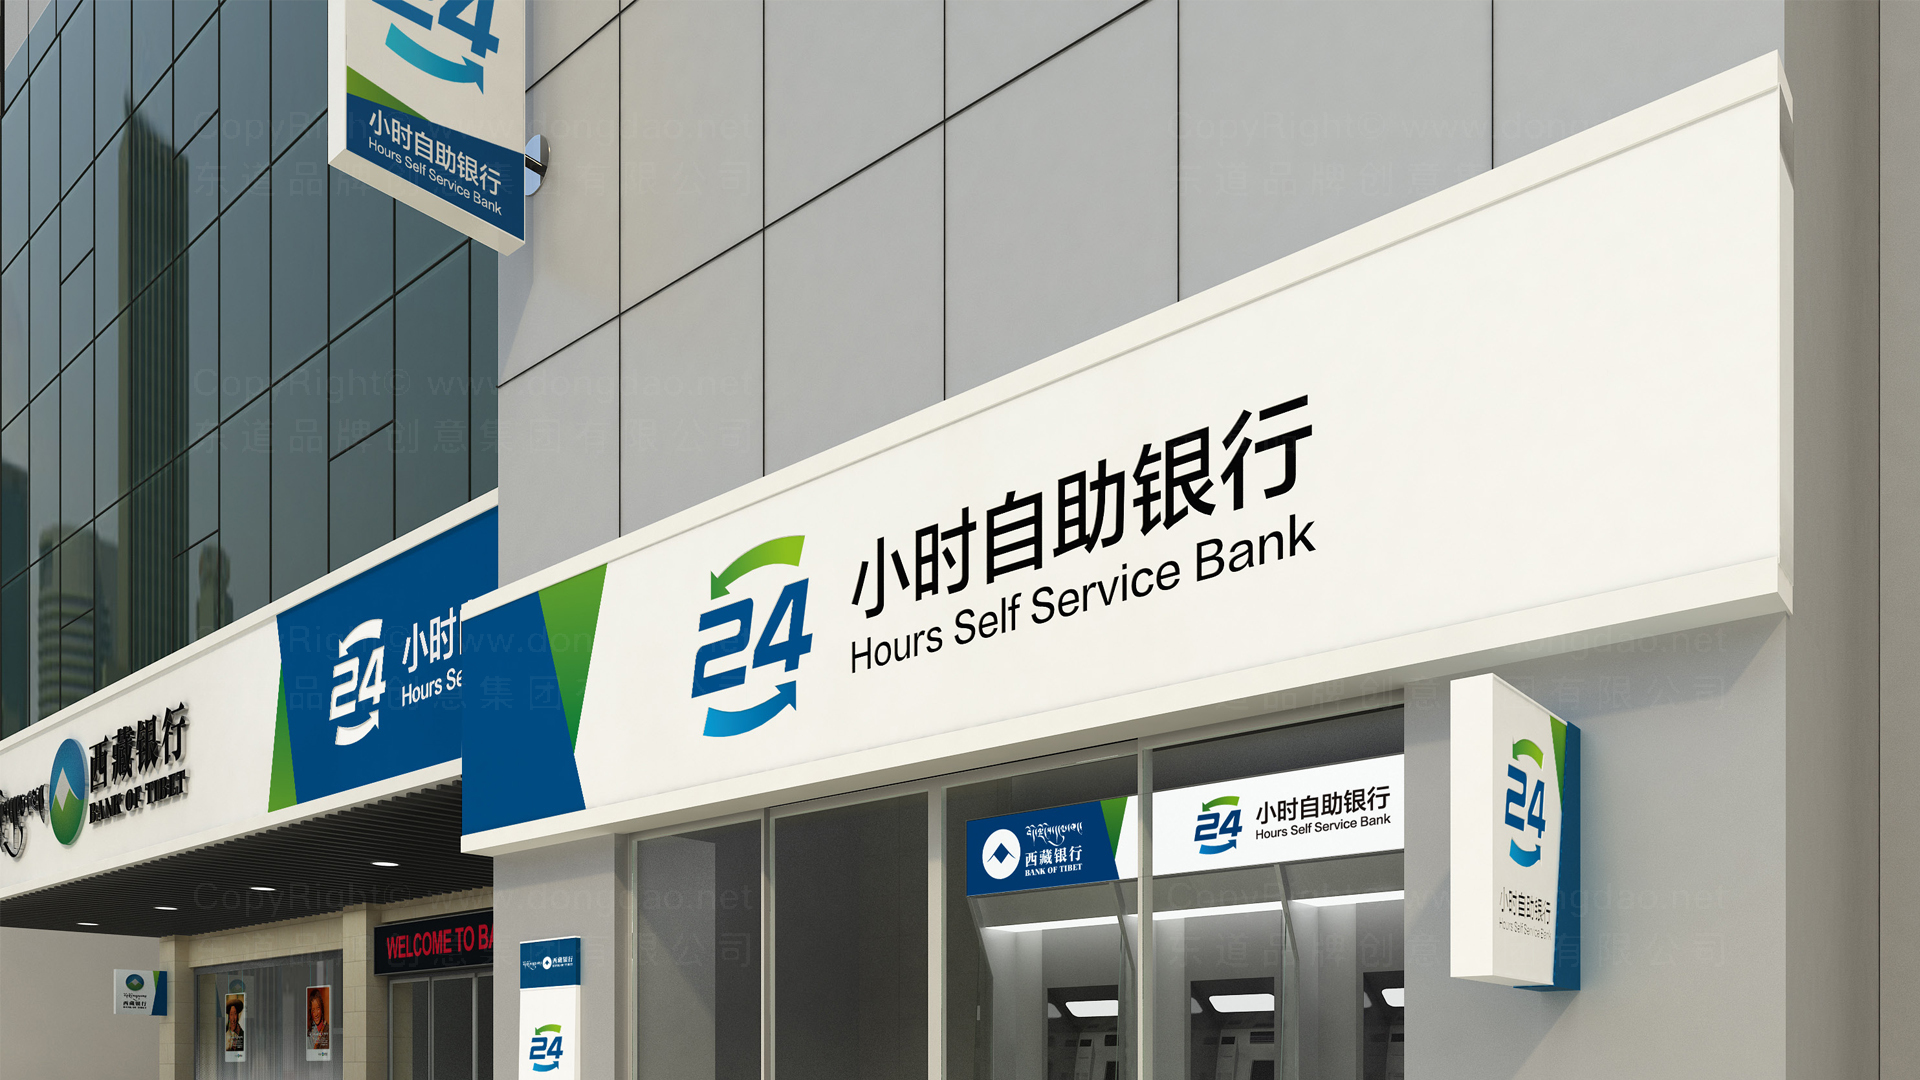 商业空间&导示案例西藏银行SI设计